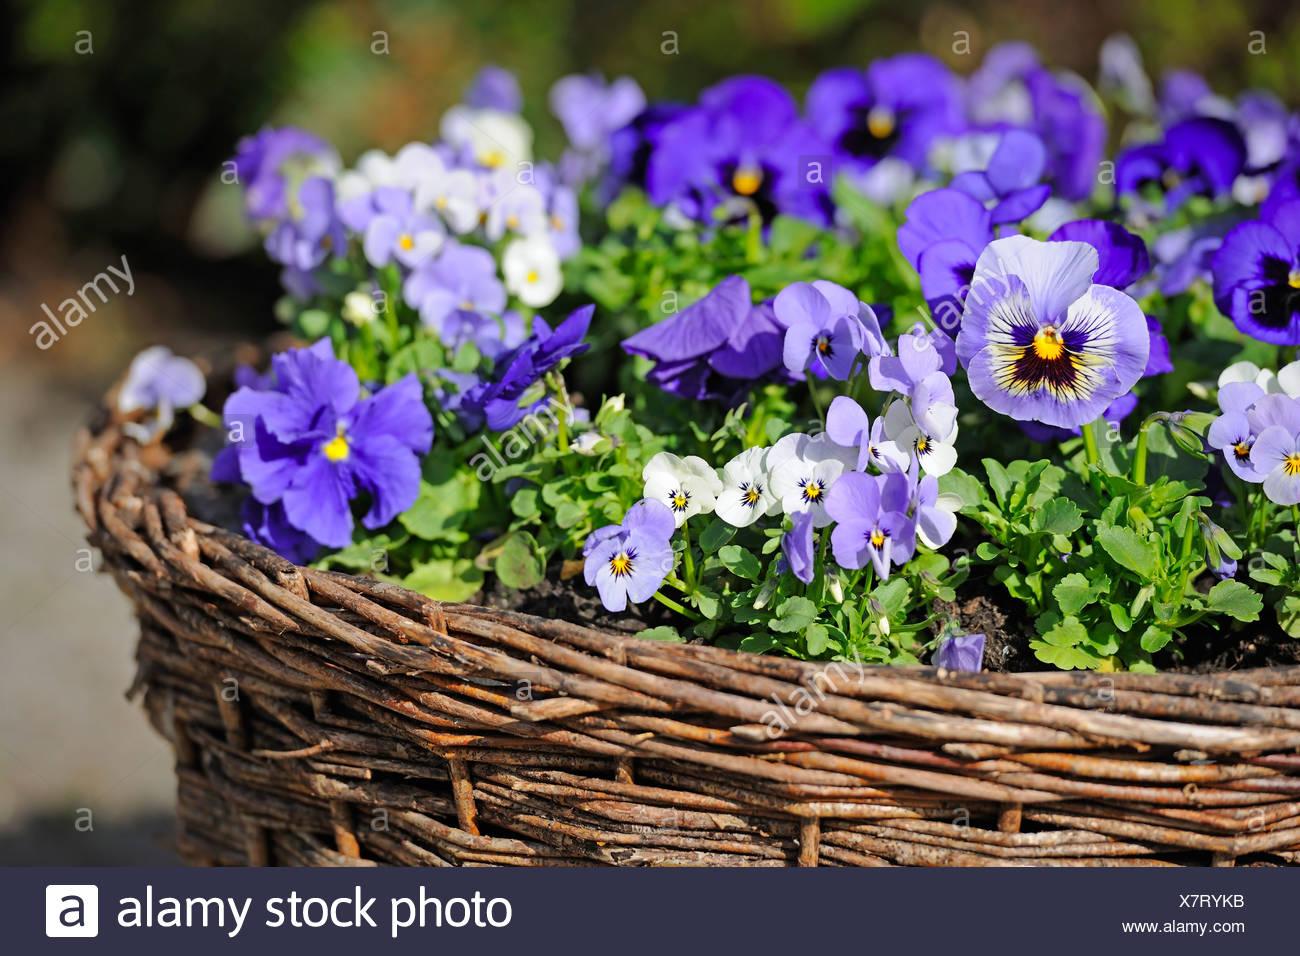 Pansies (Viola), in a basket - Stock Image